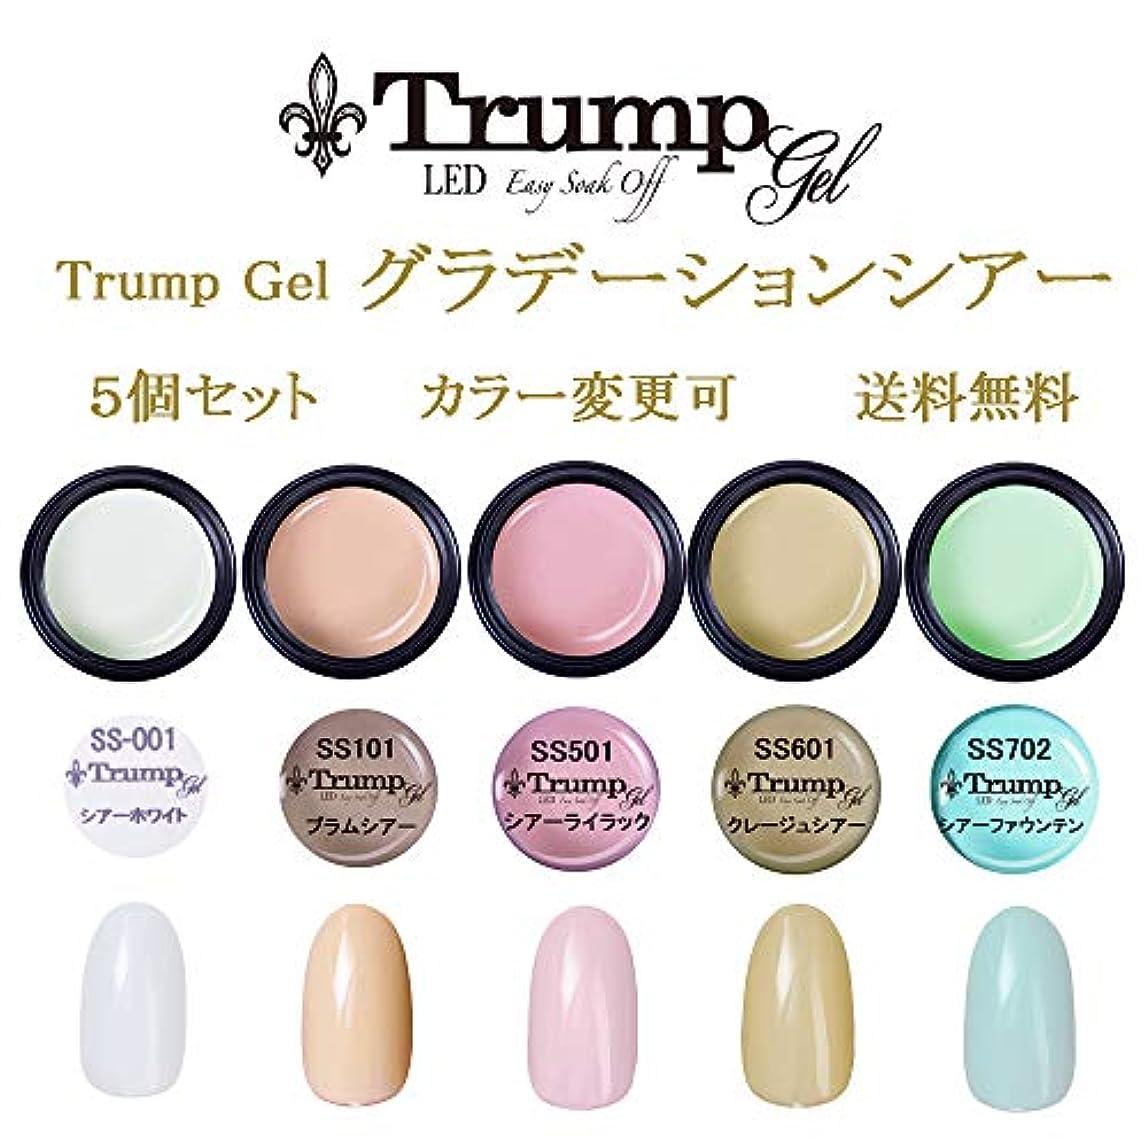 スティーブンソンアフリカ肖像画日本製 Trump gel トランプジェル グラデーション シアーカラー 選べる カラージェル 5個セット ホワイト ベージュ ピンク イエロー ブルー